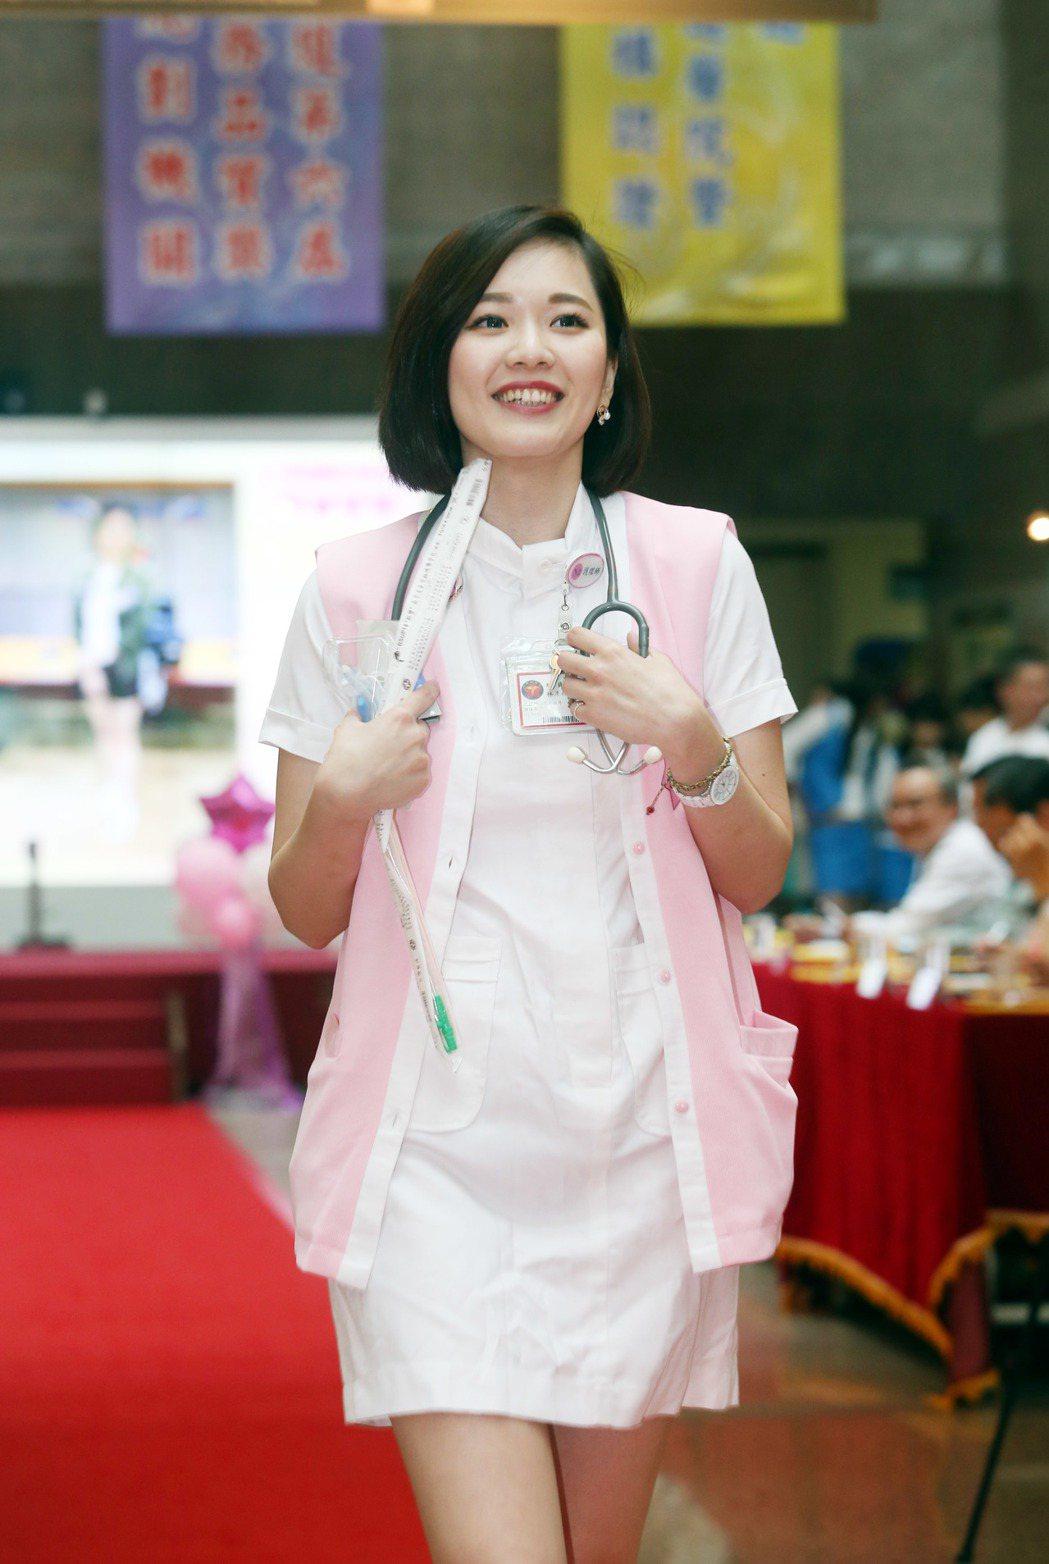 三軍總醫院昨天舉行「決戰職場伸展台─護理之星形象走秀競賽」,林彥孜得到第二名。 ...